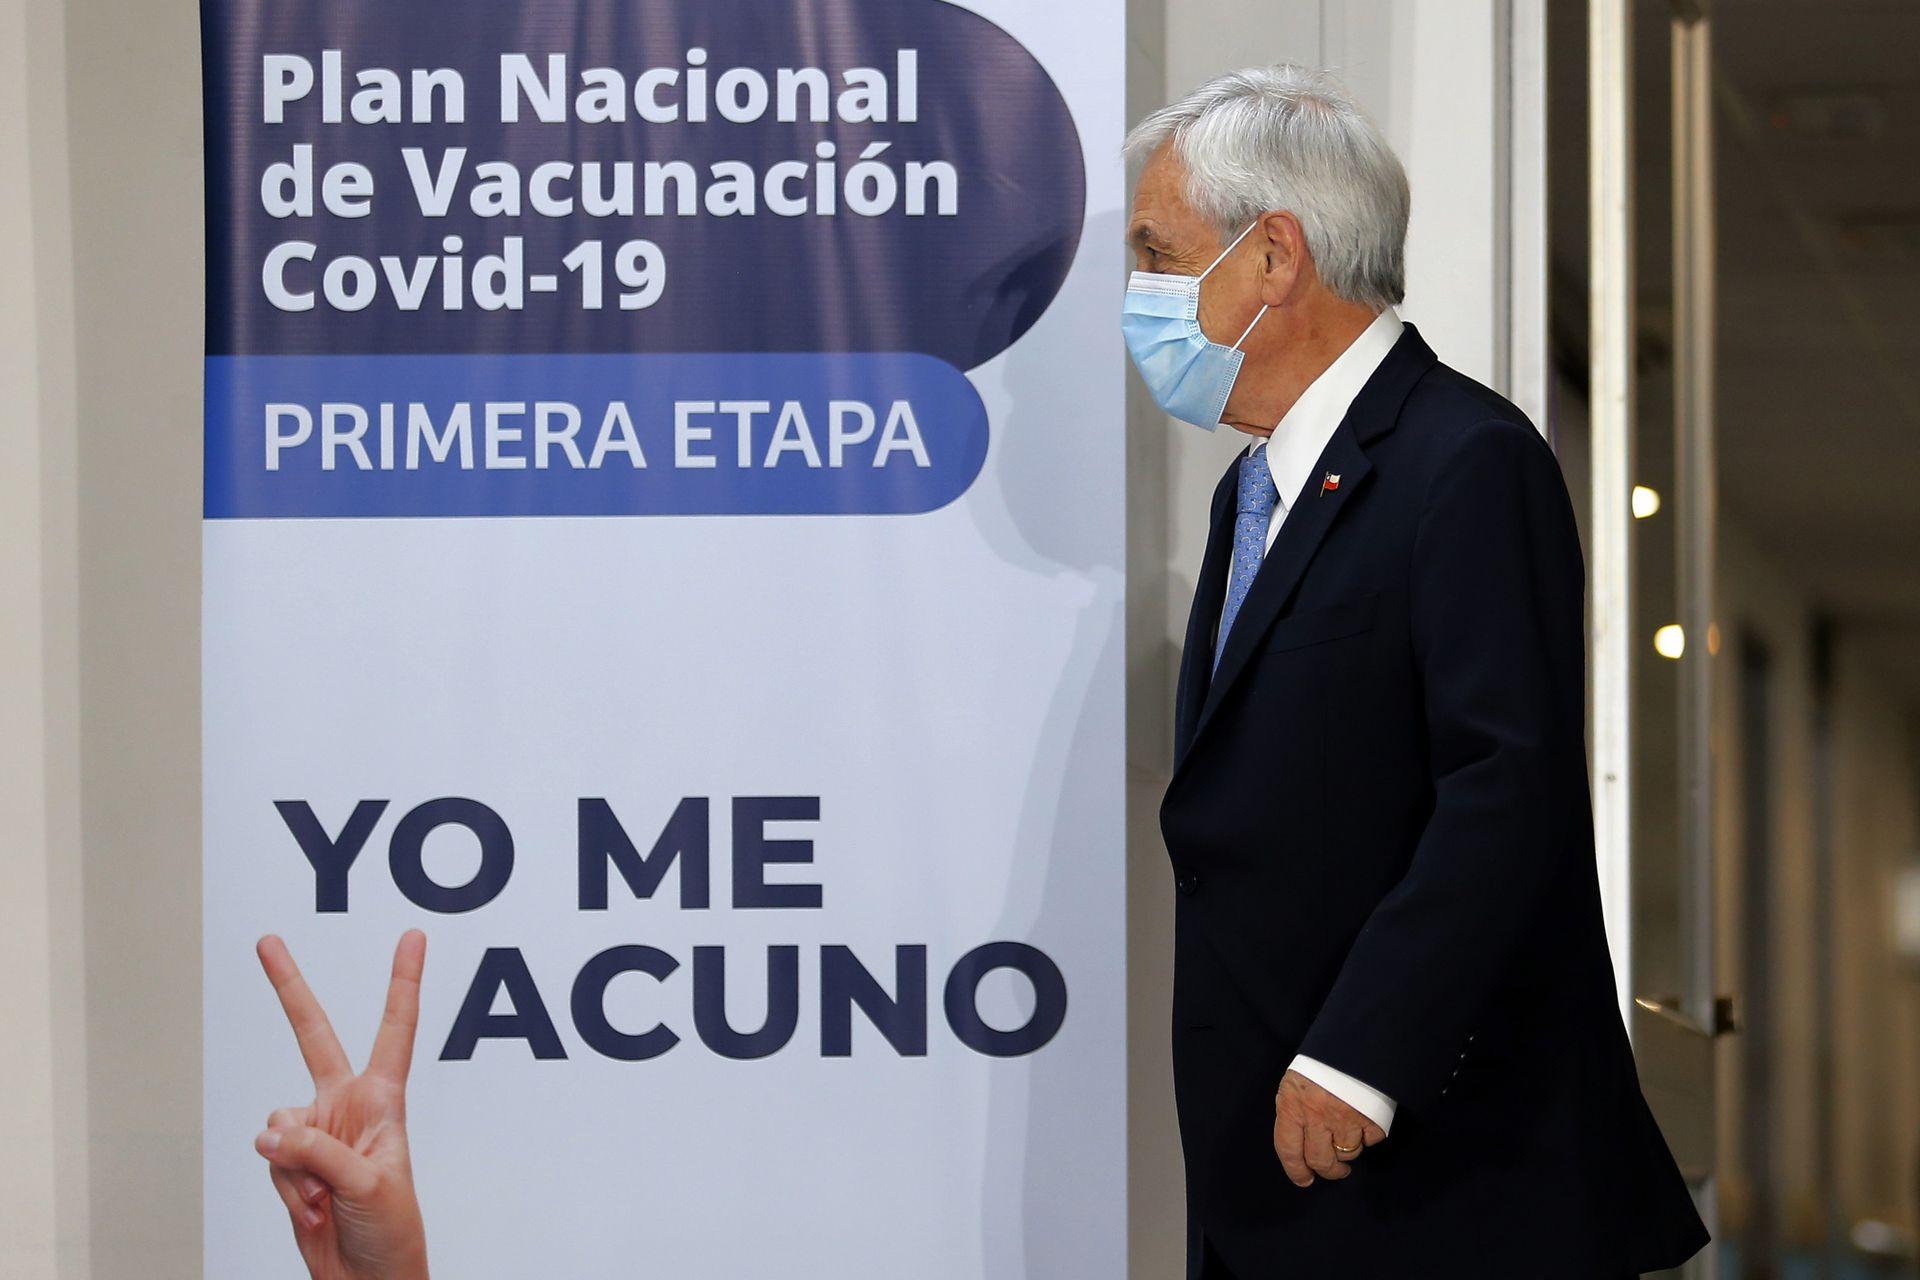 EL presidente de Chile Sebastián Piñera en el Hospital  Metropolitano donde se presentó el plan de vacunación chileno en diciembre de 2020